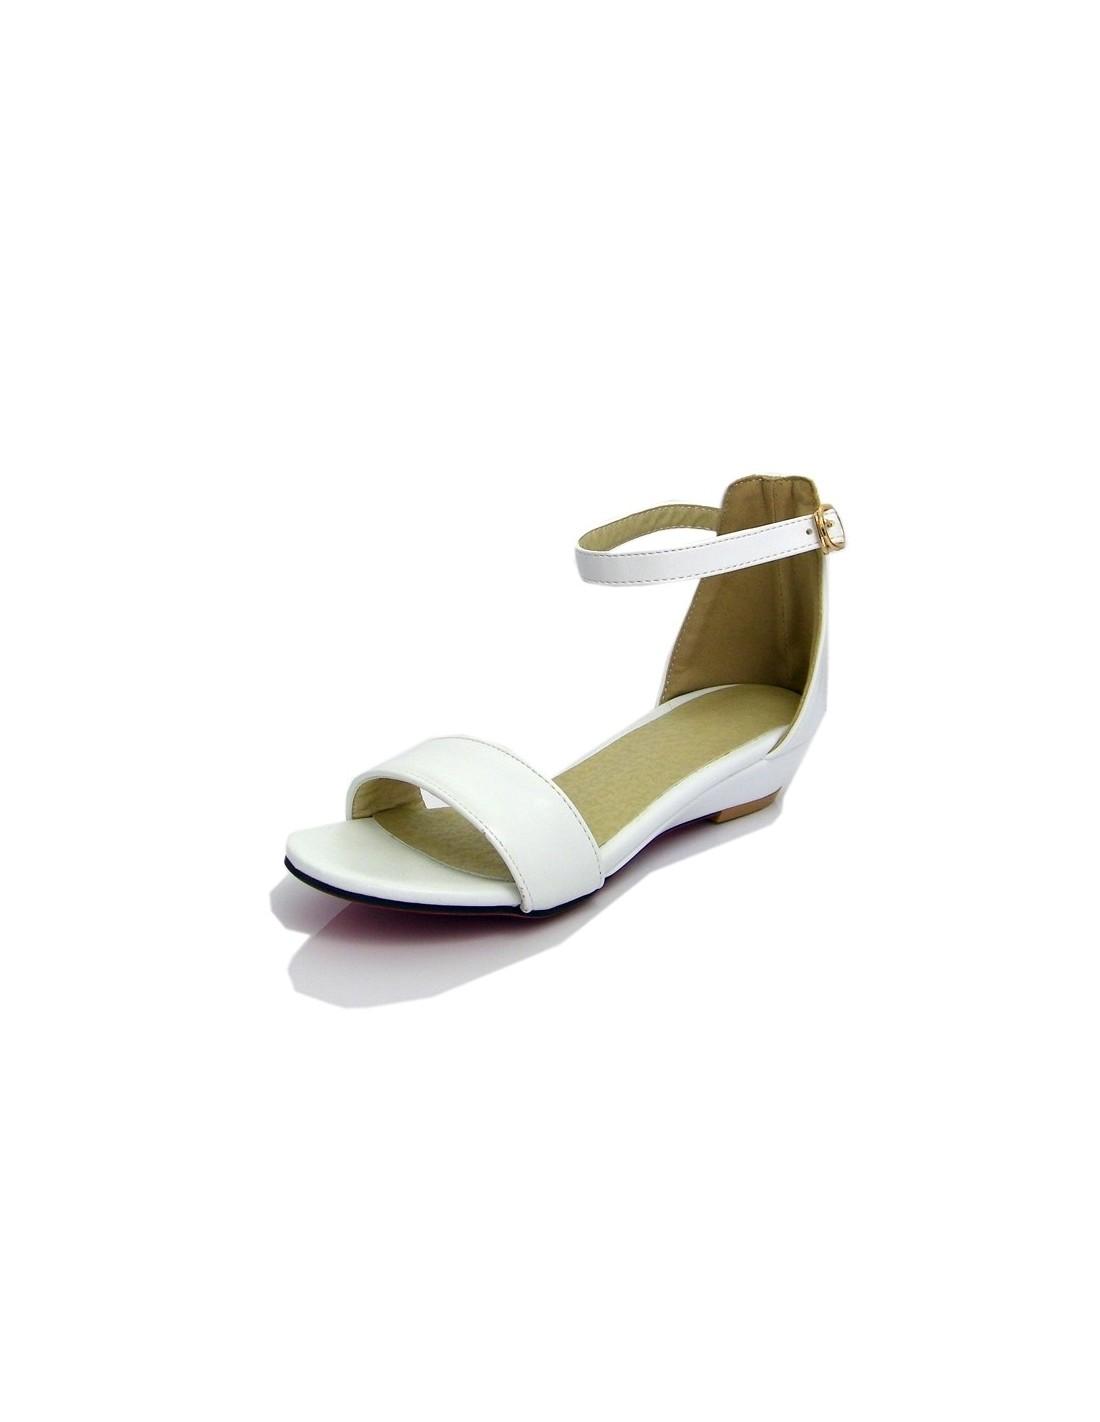 acheter en ligne 95d4b 467c6 Sandales femme à petit talon compensé, blanc pointure 32 33 34